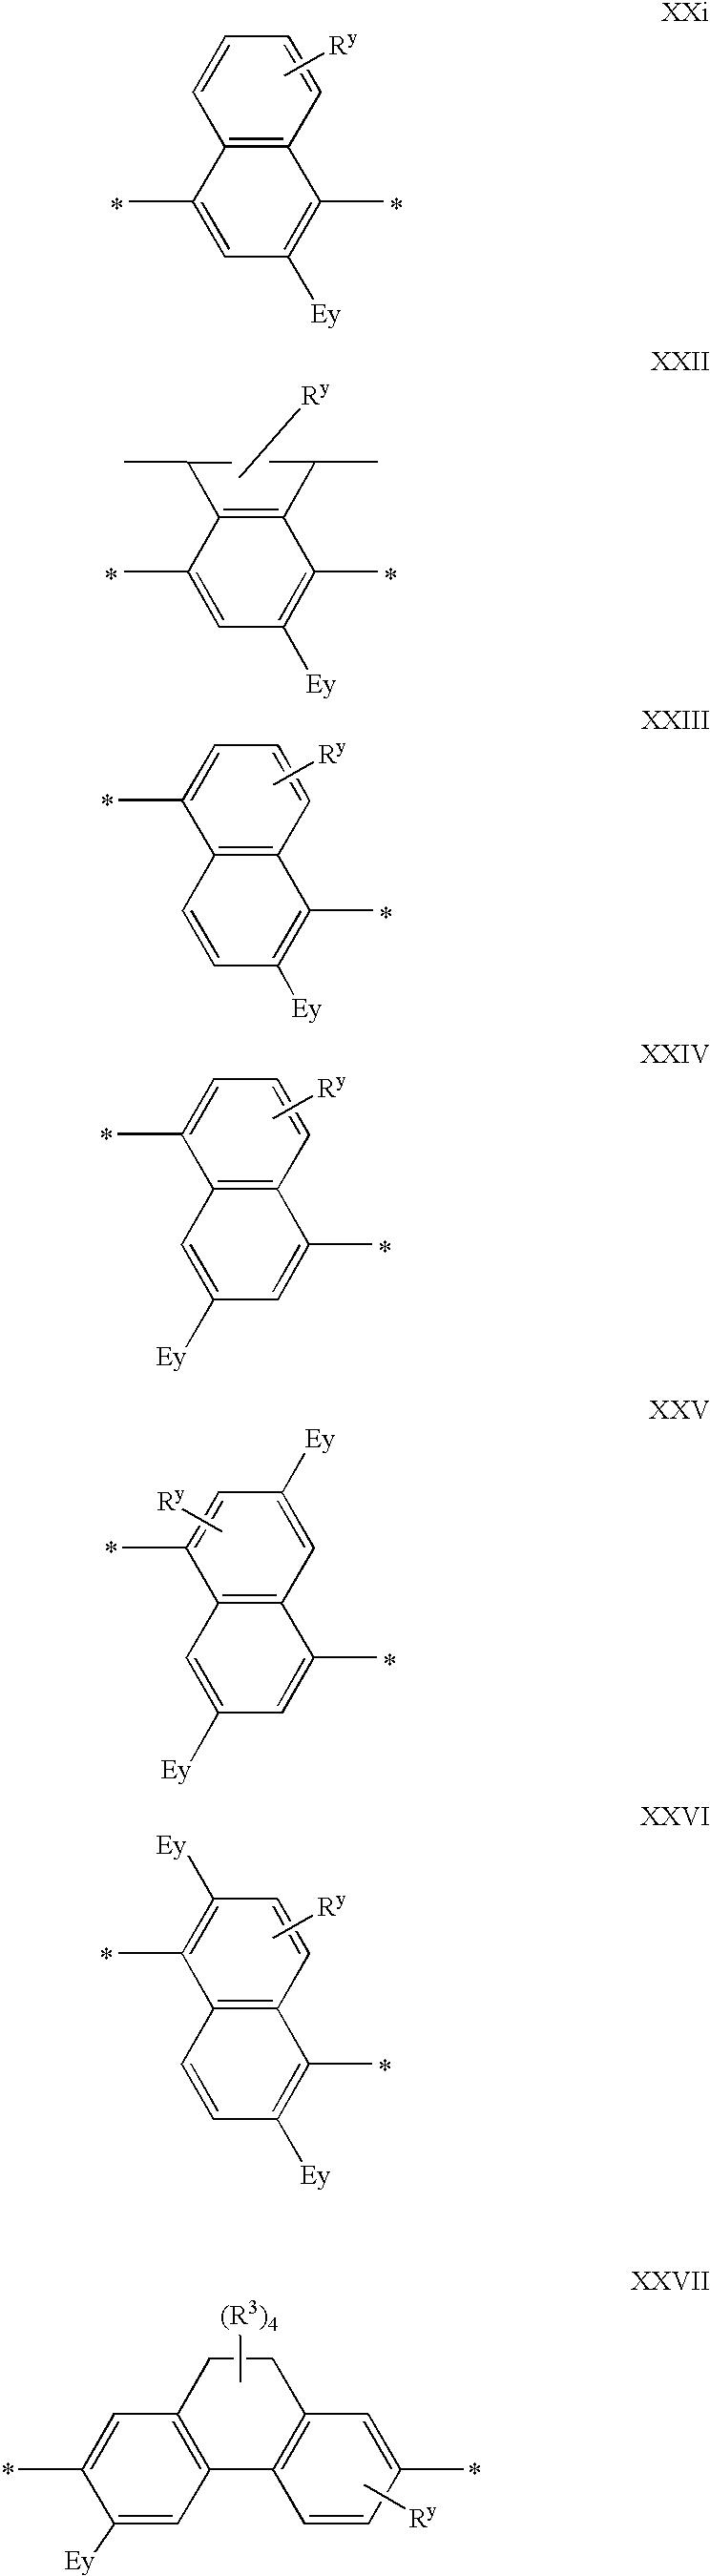 Figure US20040062930A1-20040401-C00084